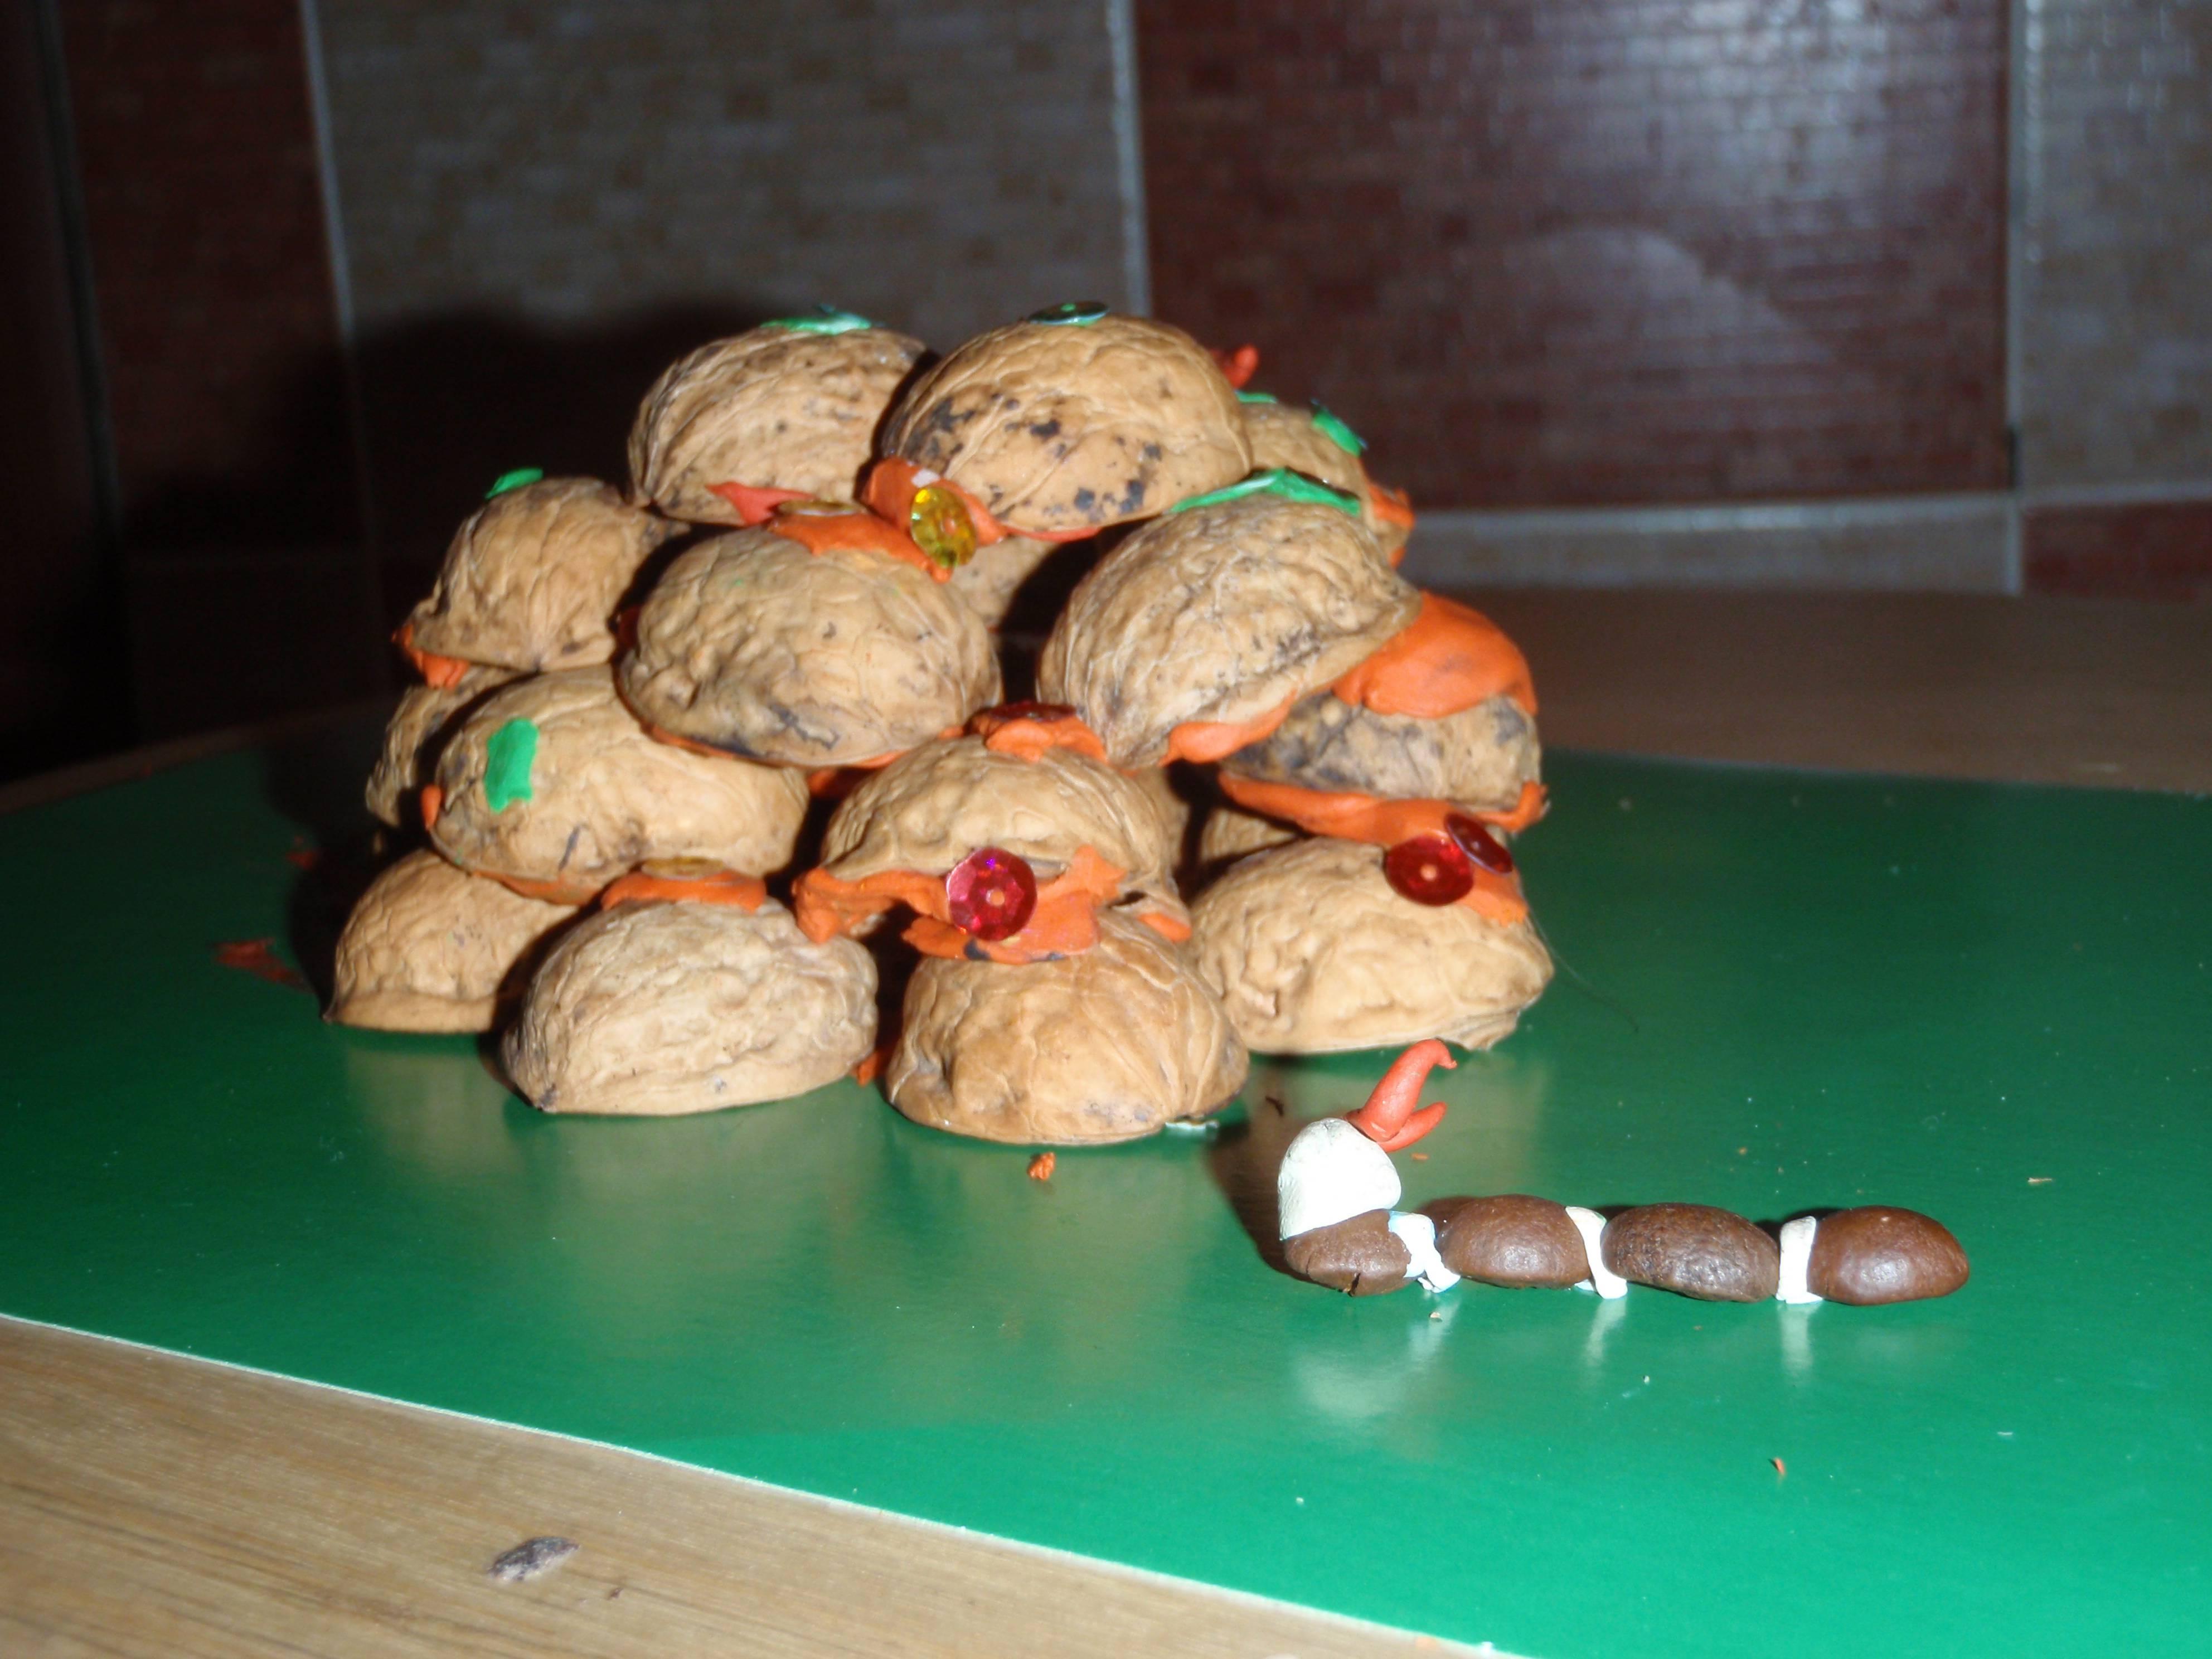 Применение скорлупы грецкого ореха: в огороде в виде удобрение или мульчи, поделки, сделанные своими руками, рецепт отвара и как используют на производстве